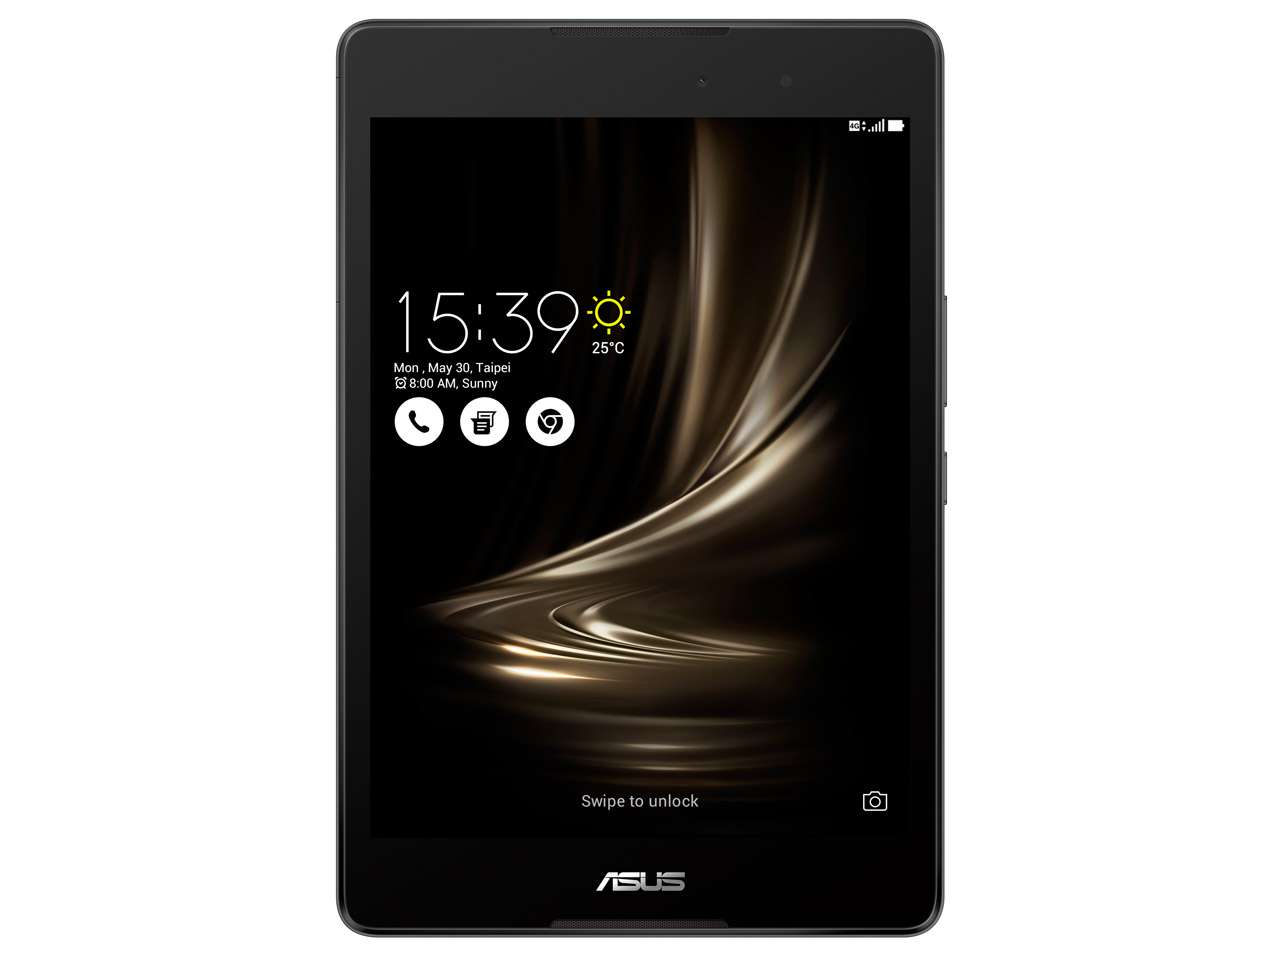 ASUS ZenPad 3 8.0 Z581KL-BK32S4 SIMフリー の製品画像